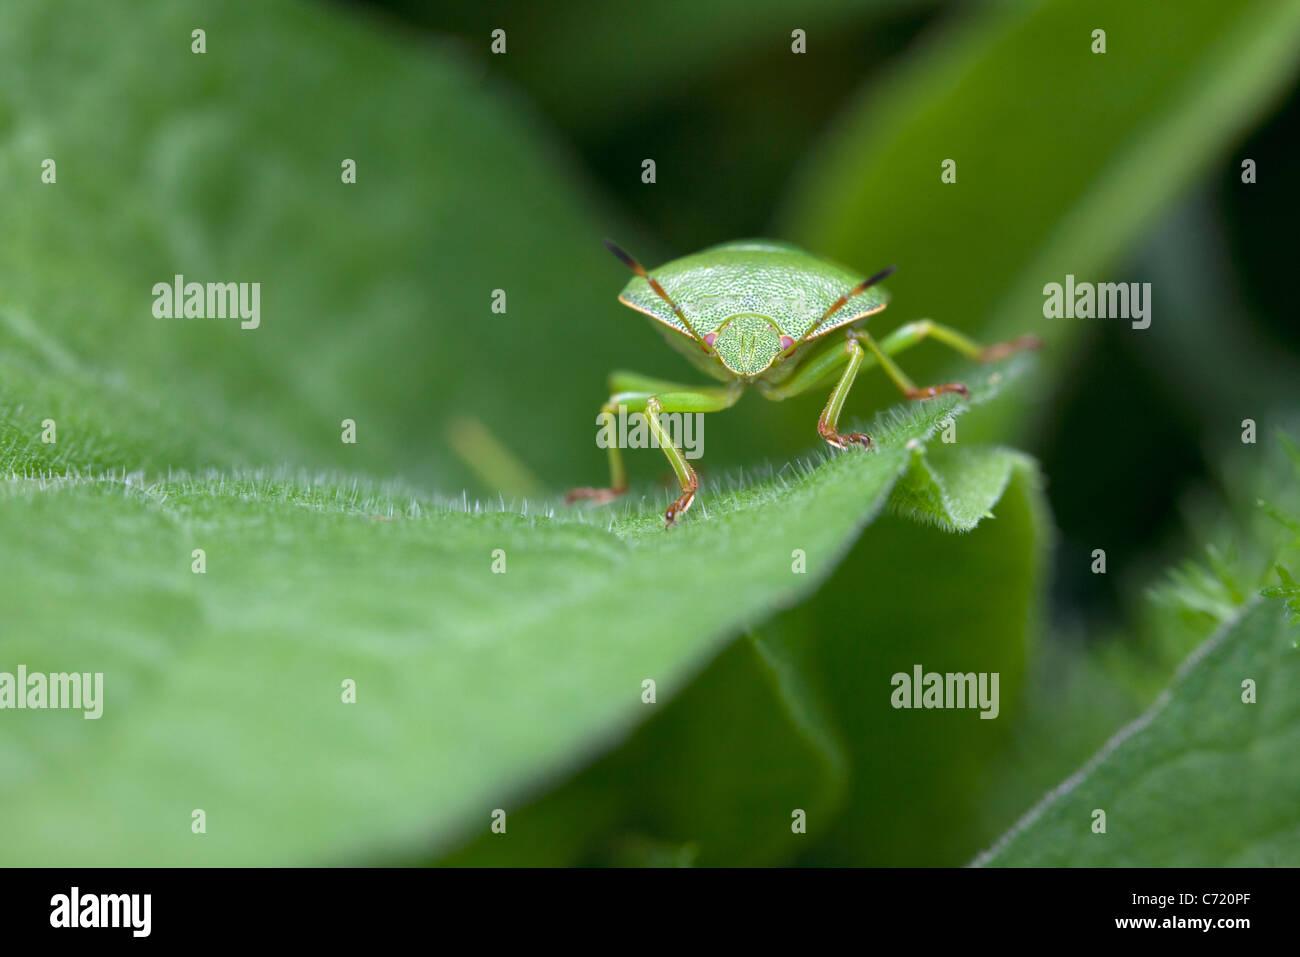 Grüne Stink Bug auf Blatt, Nahaufnahme Stockbild